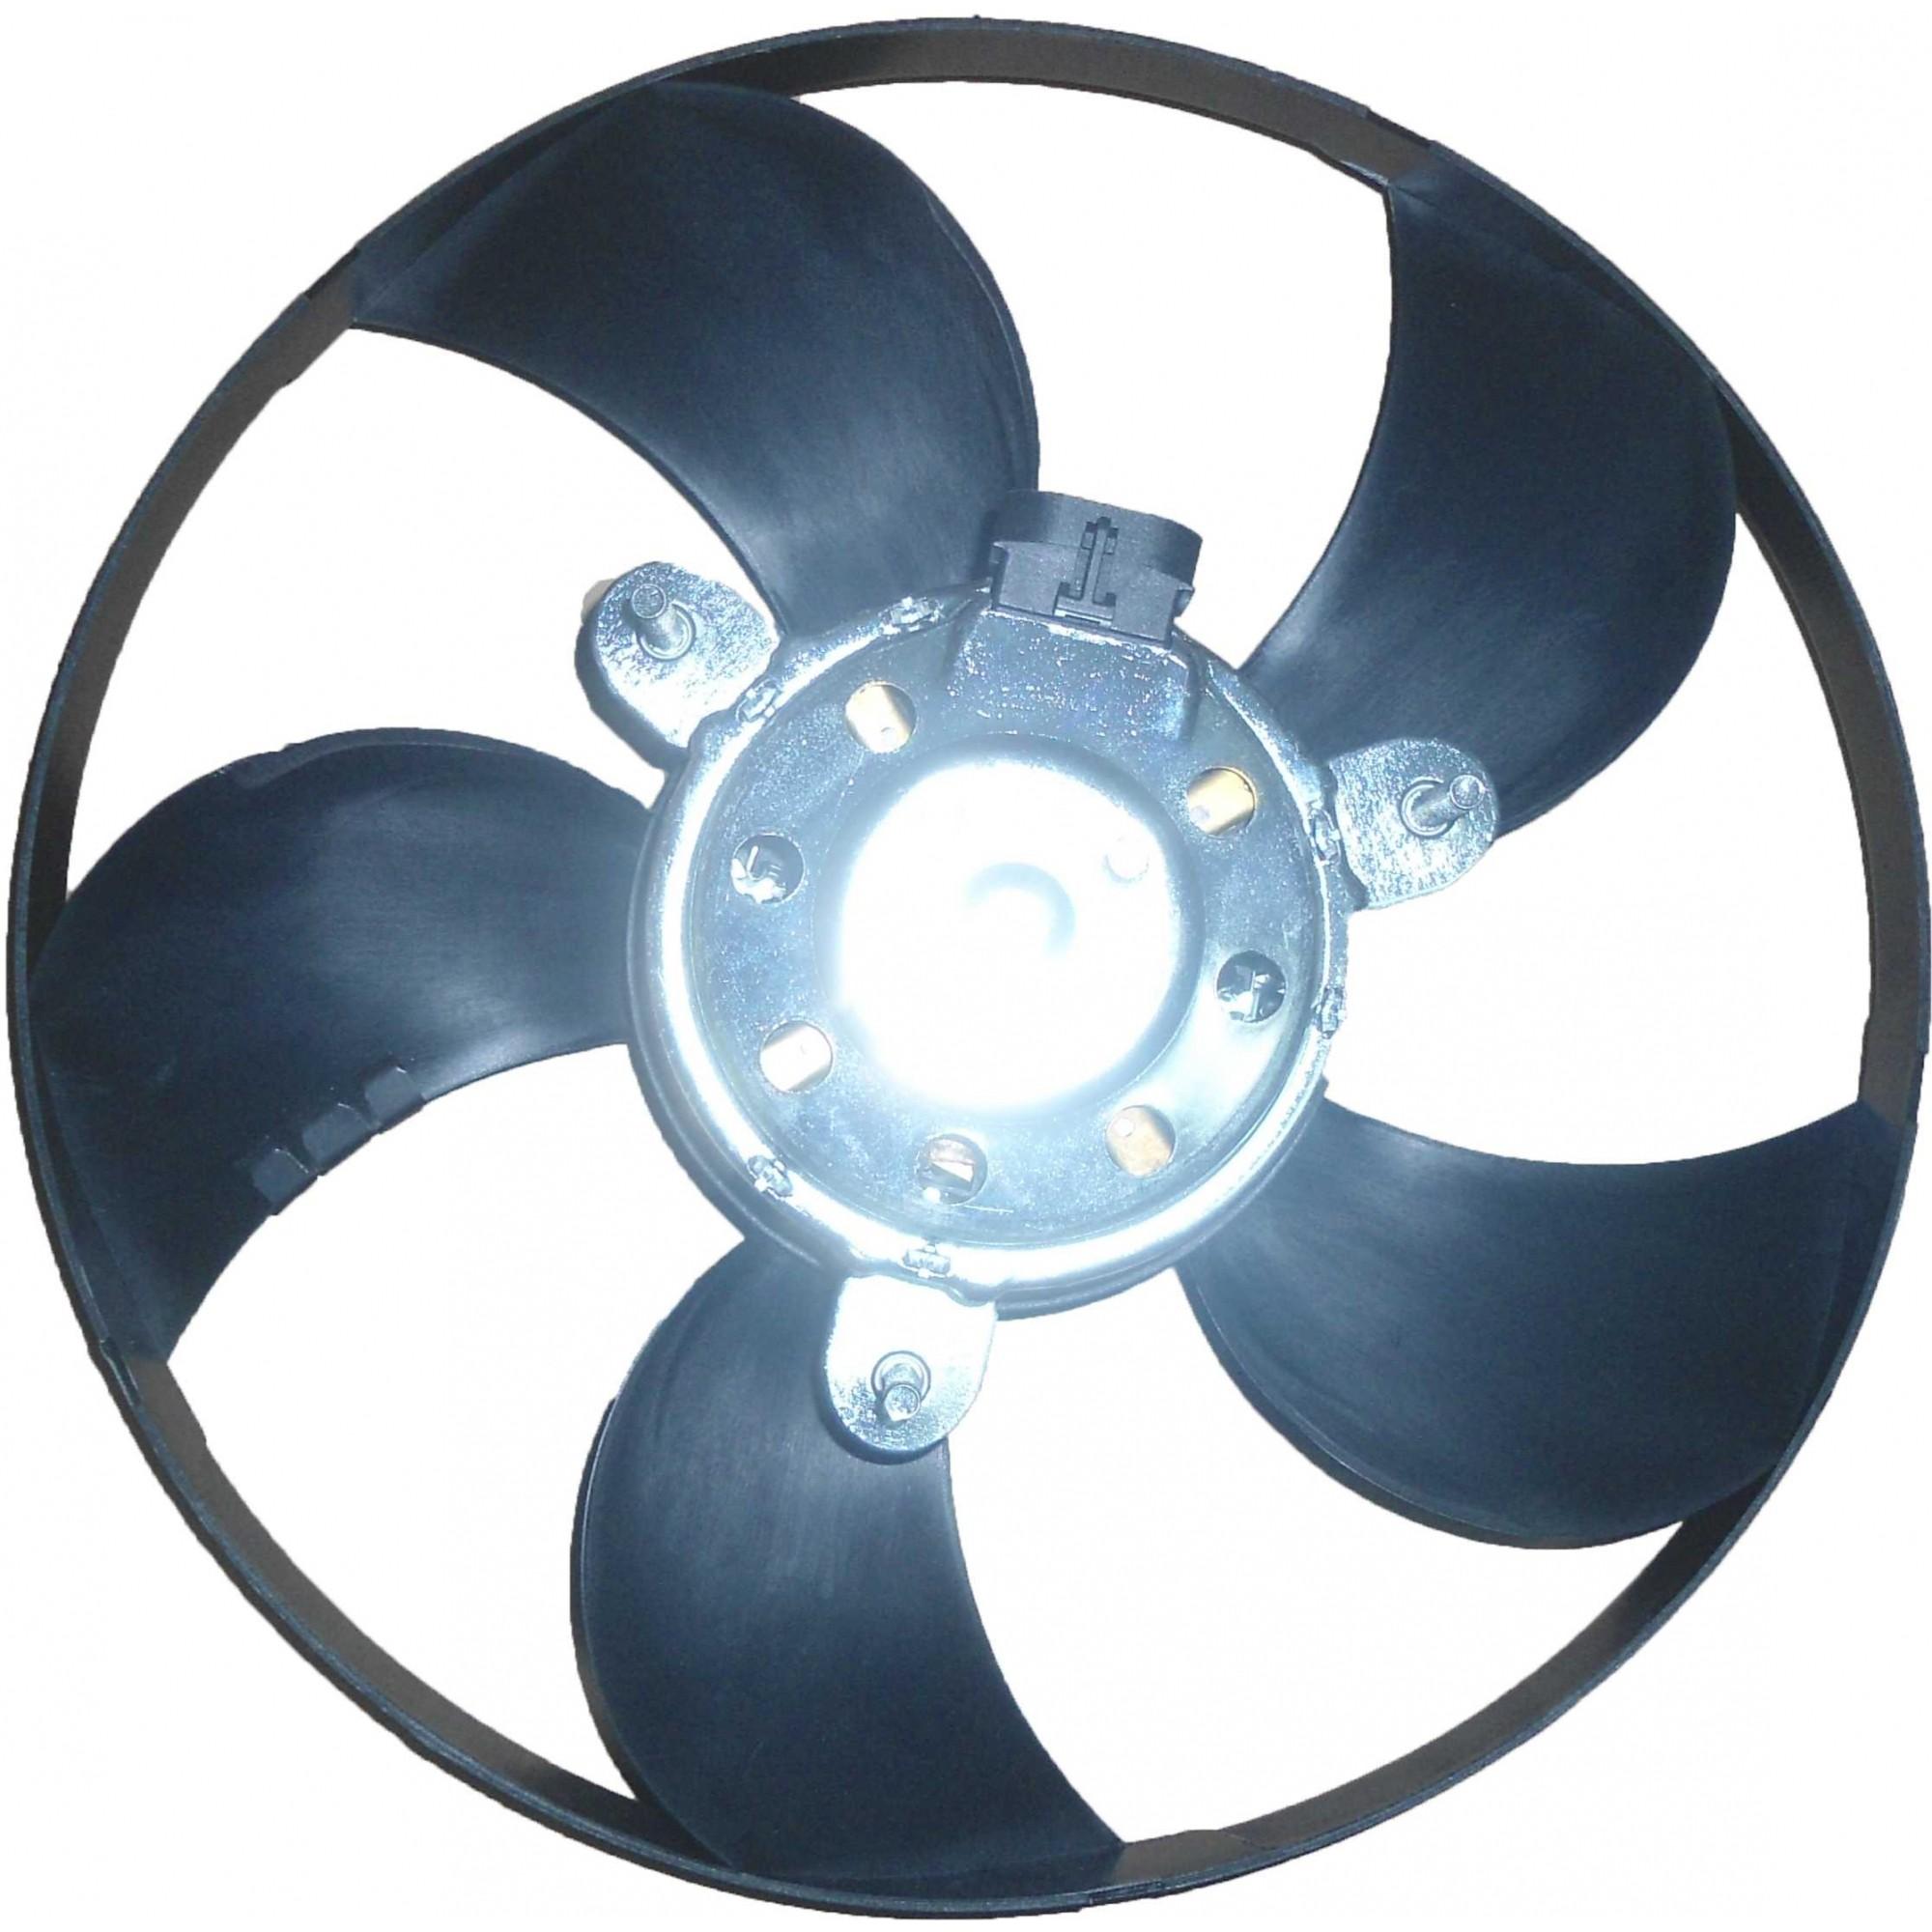 Eletroventilador - Palio 1.0/1.5 00 C/ar/uno Fire 01